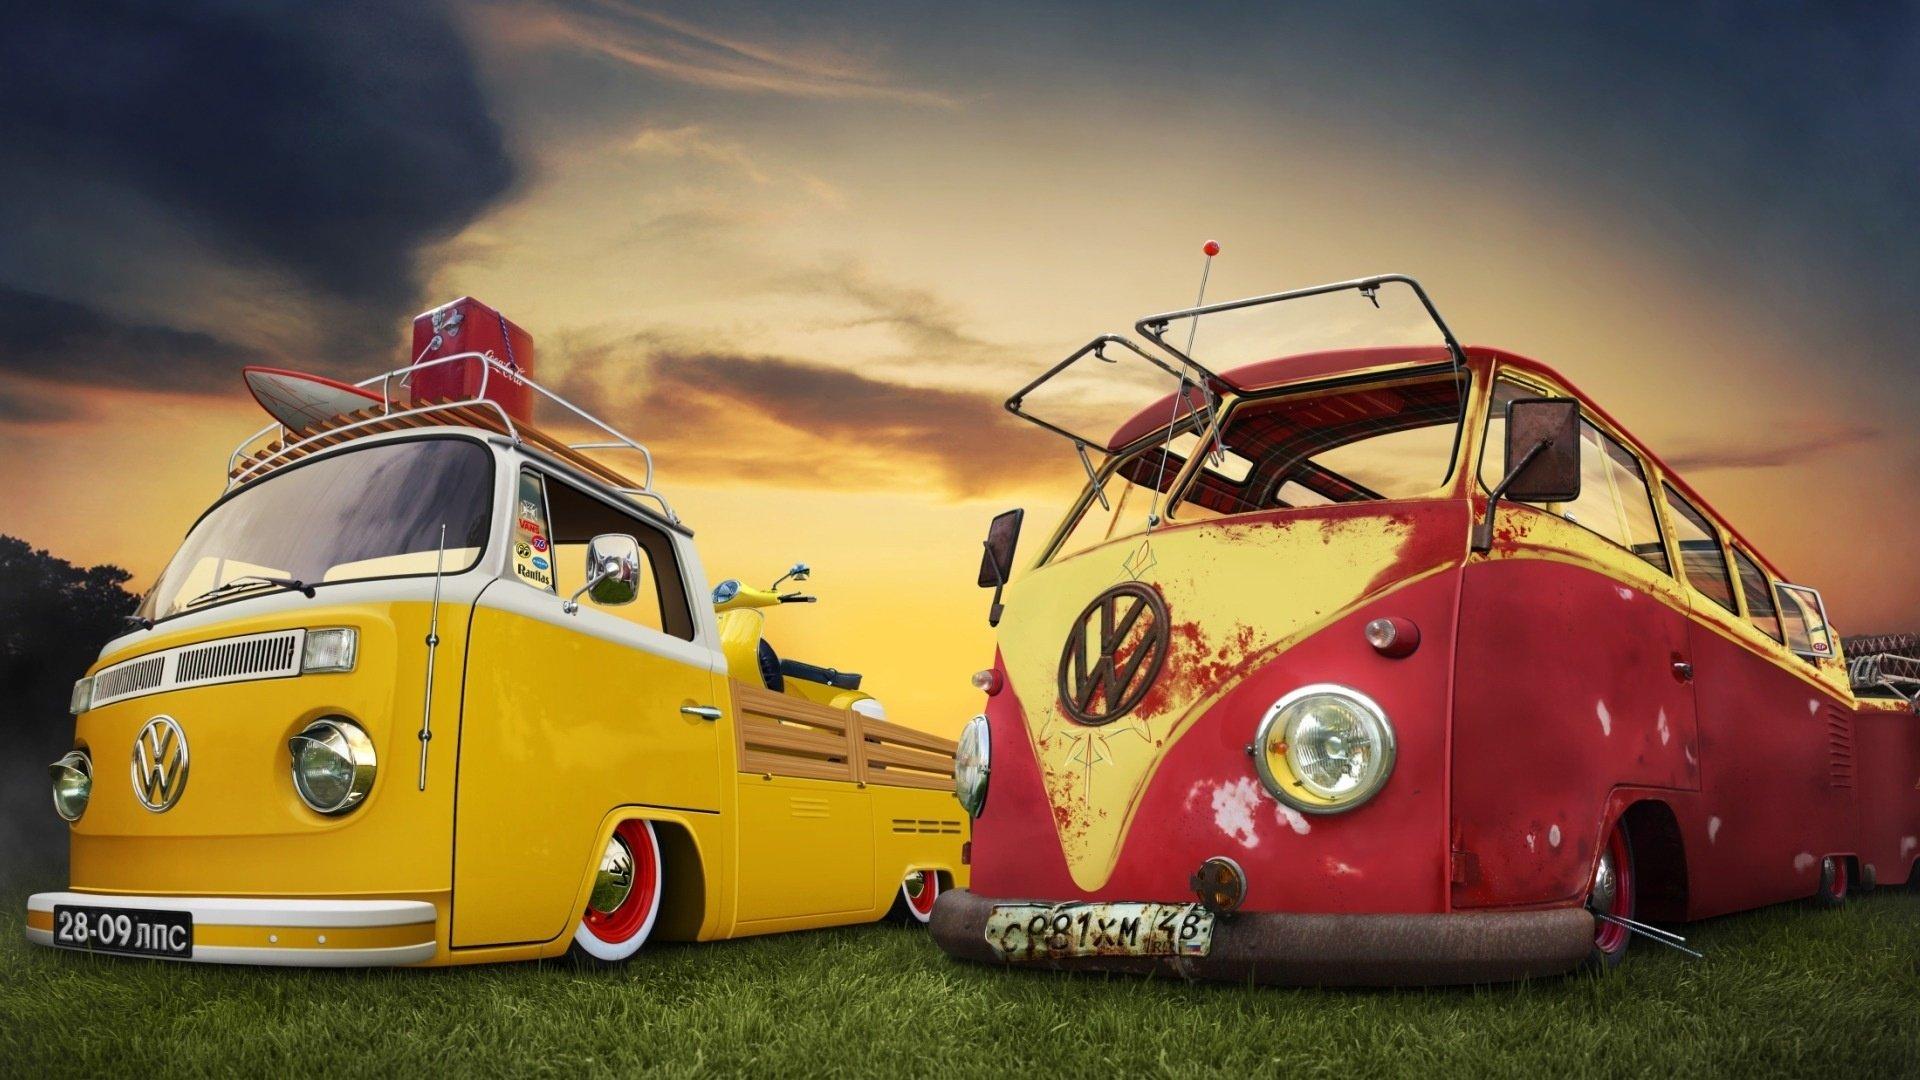 Volkswagen hd wallpaper 1080p for pc